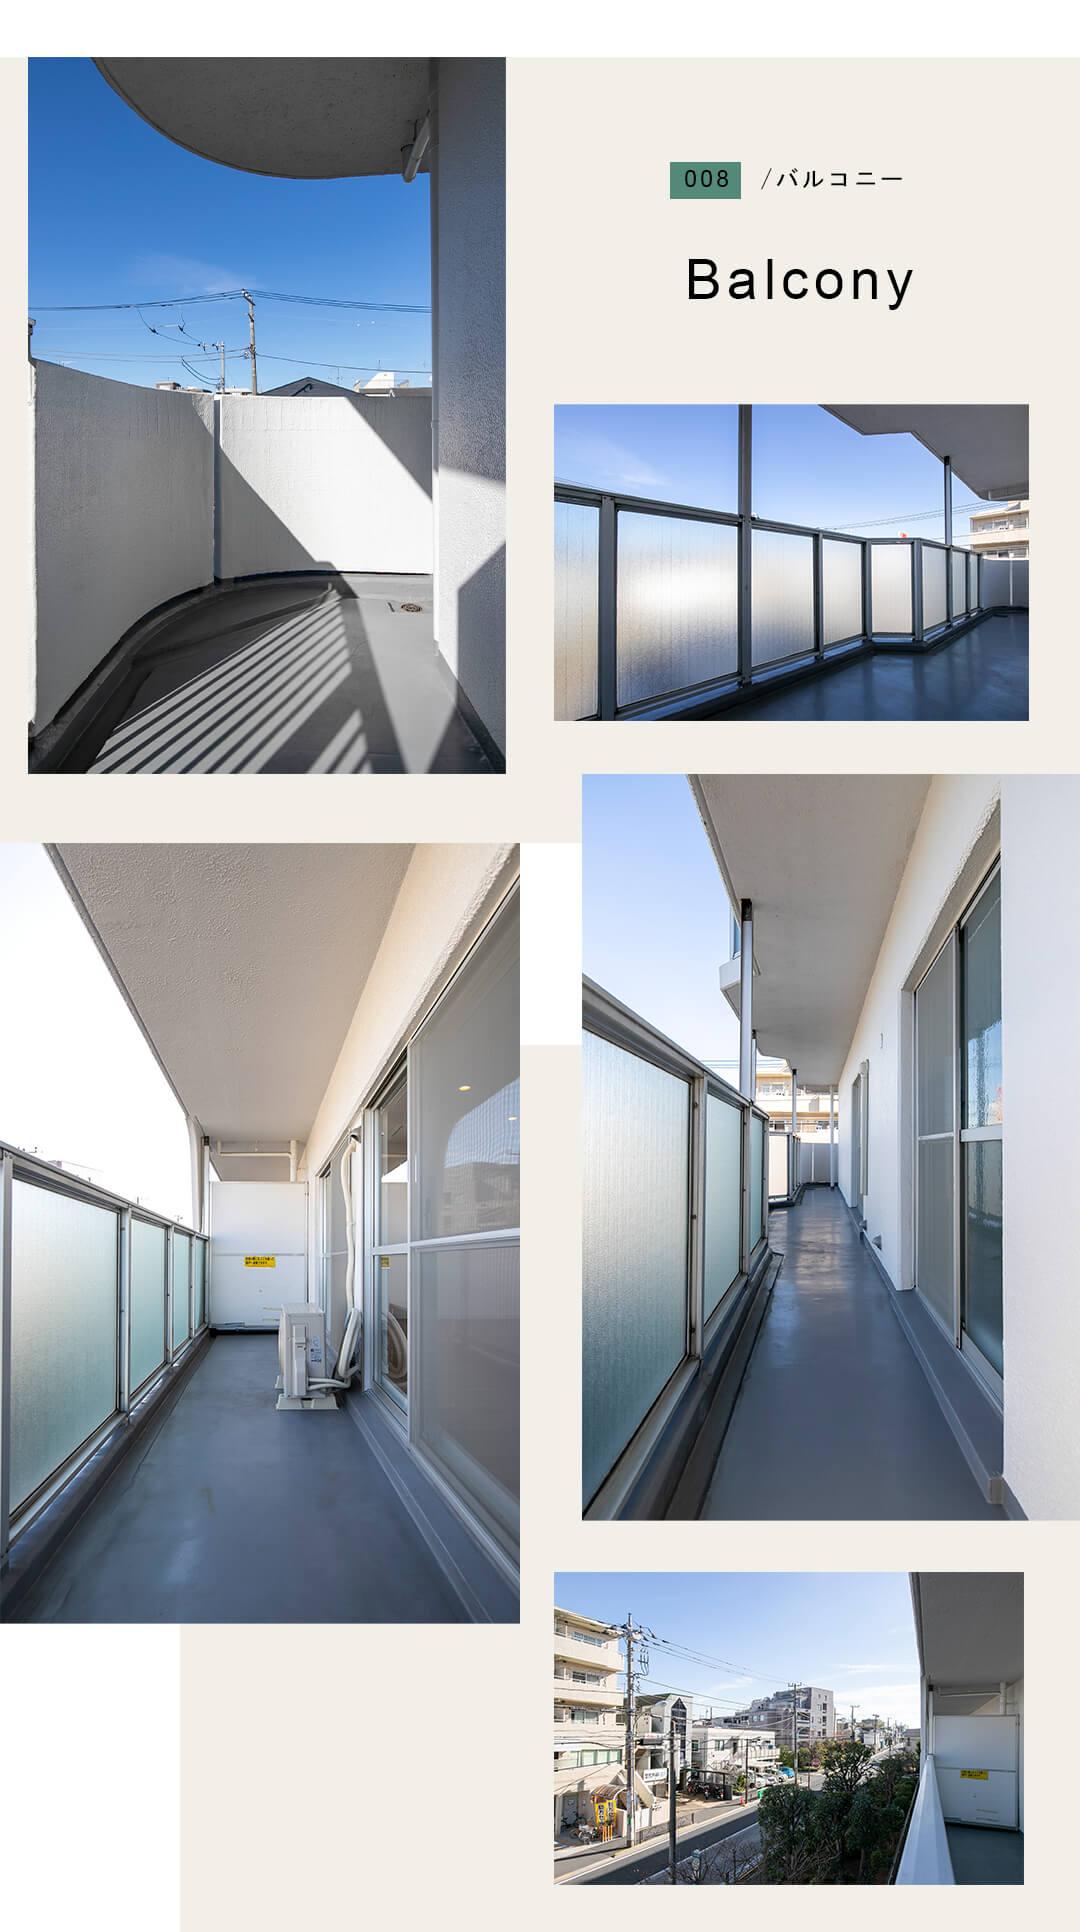 08バルコニー,balcony